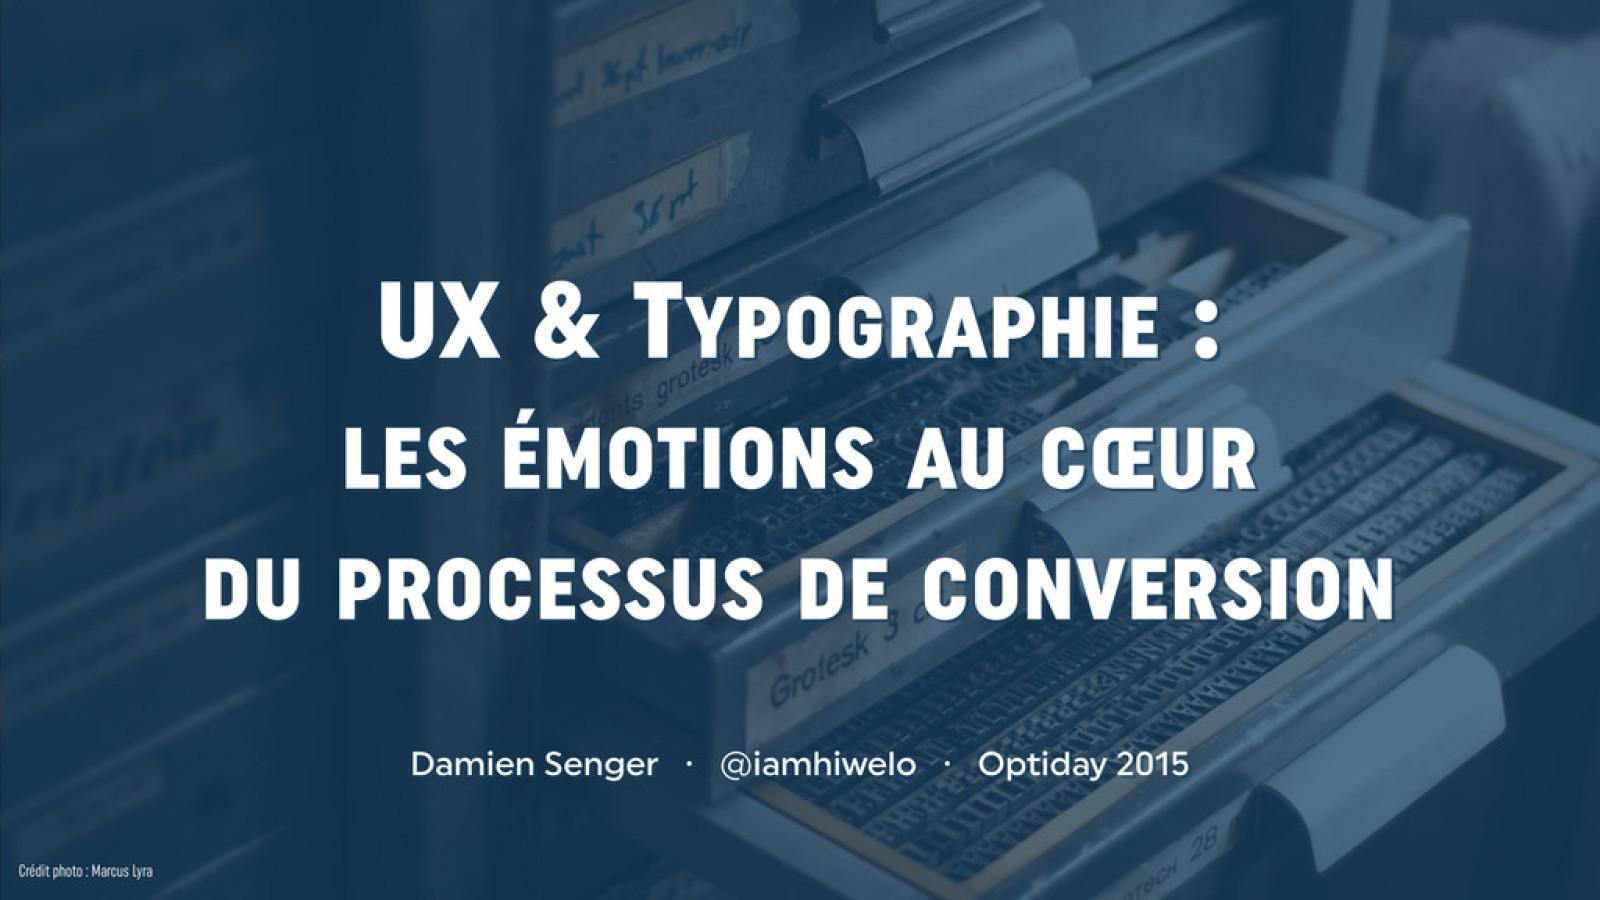 UX & Typographie : le design émotionnel au cœur du processus de conversion